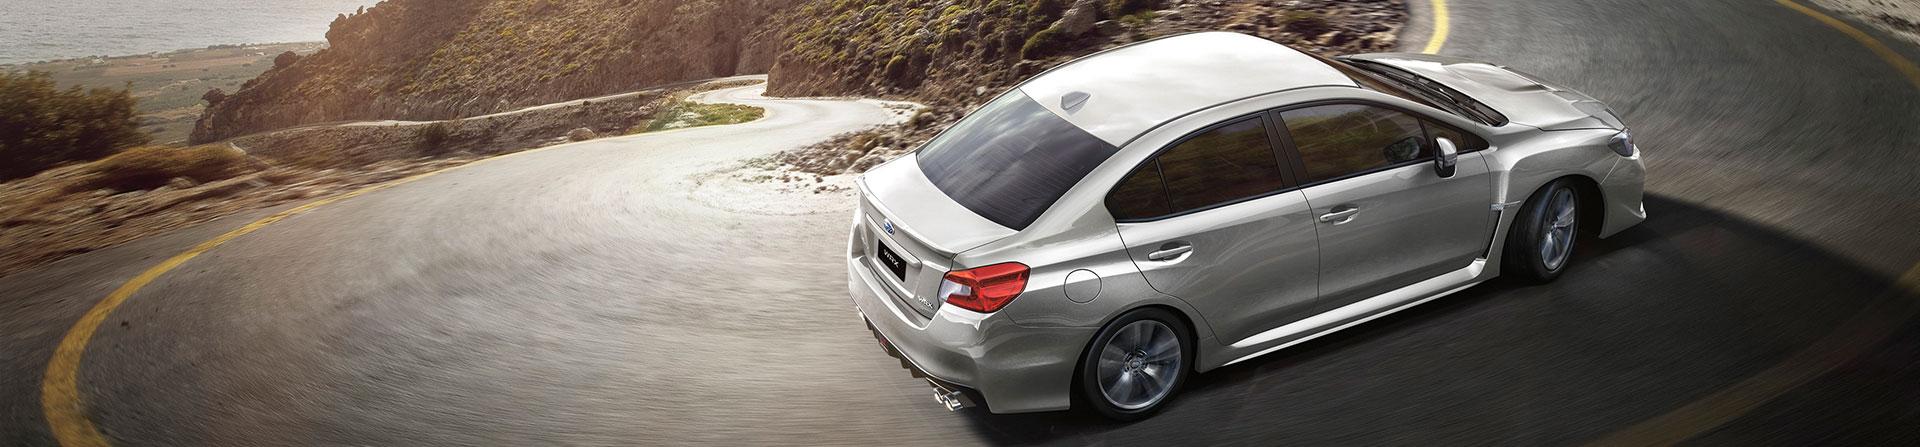 Subaru WRX Image 4